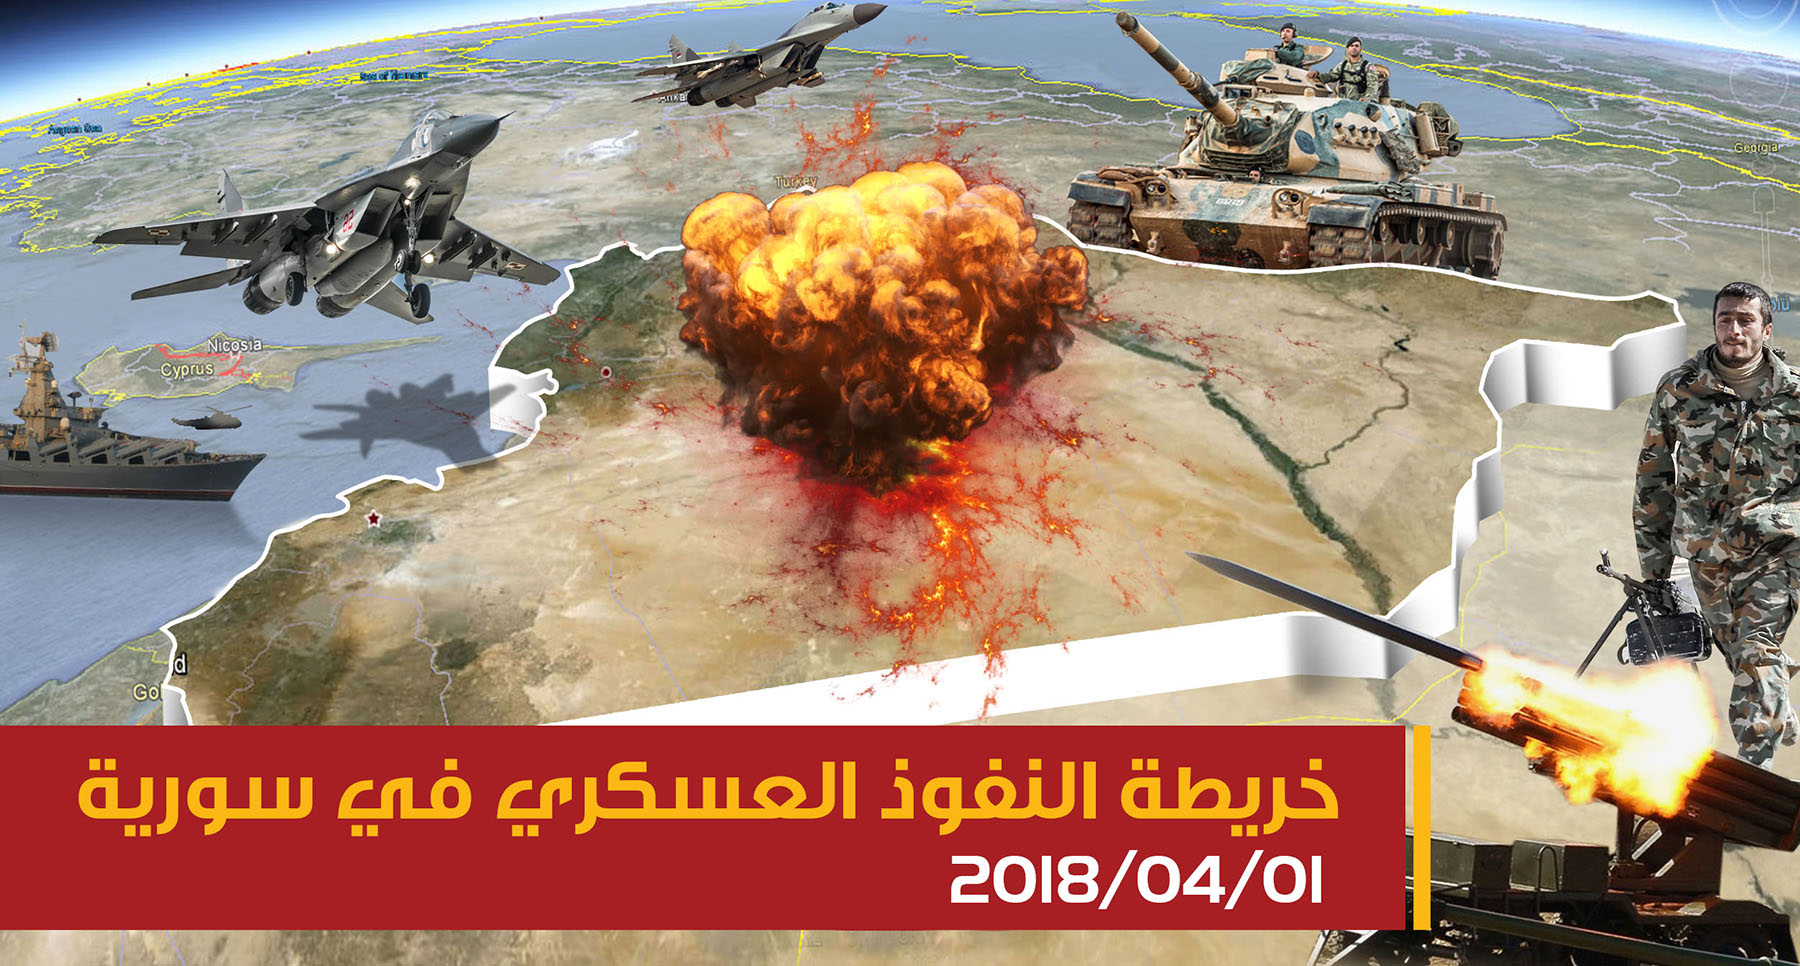 صورة سوريا الحالية..وفق النفوذ العسكري